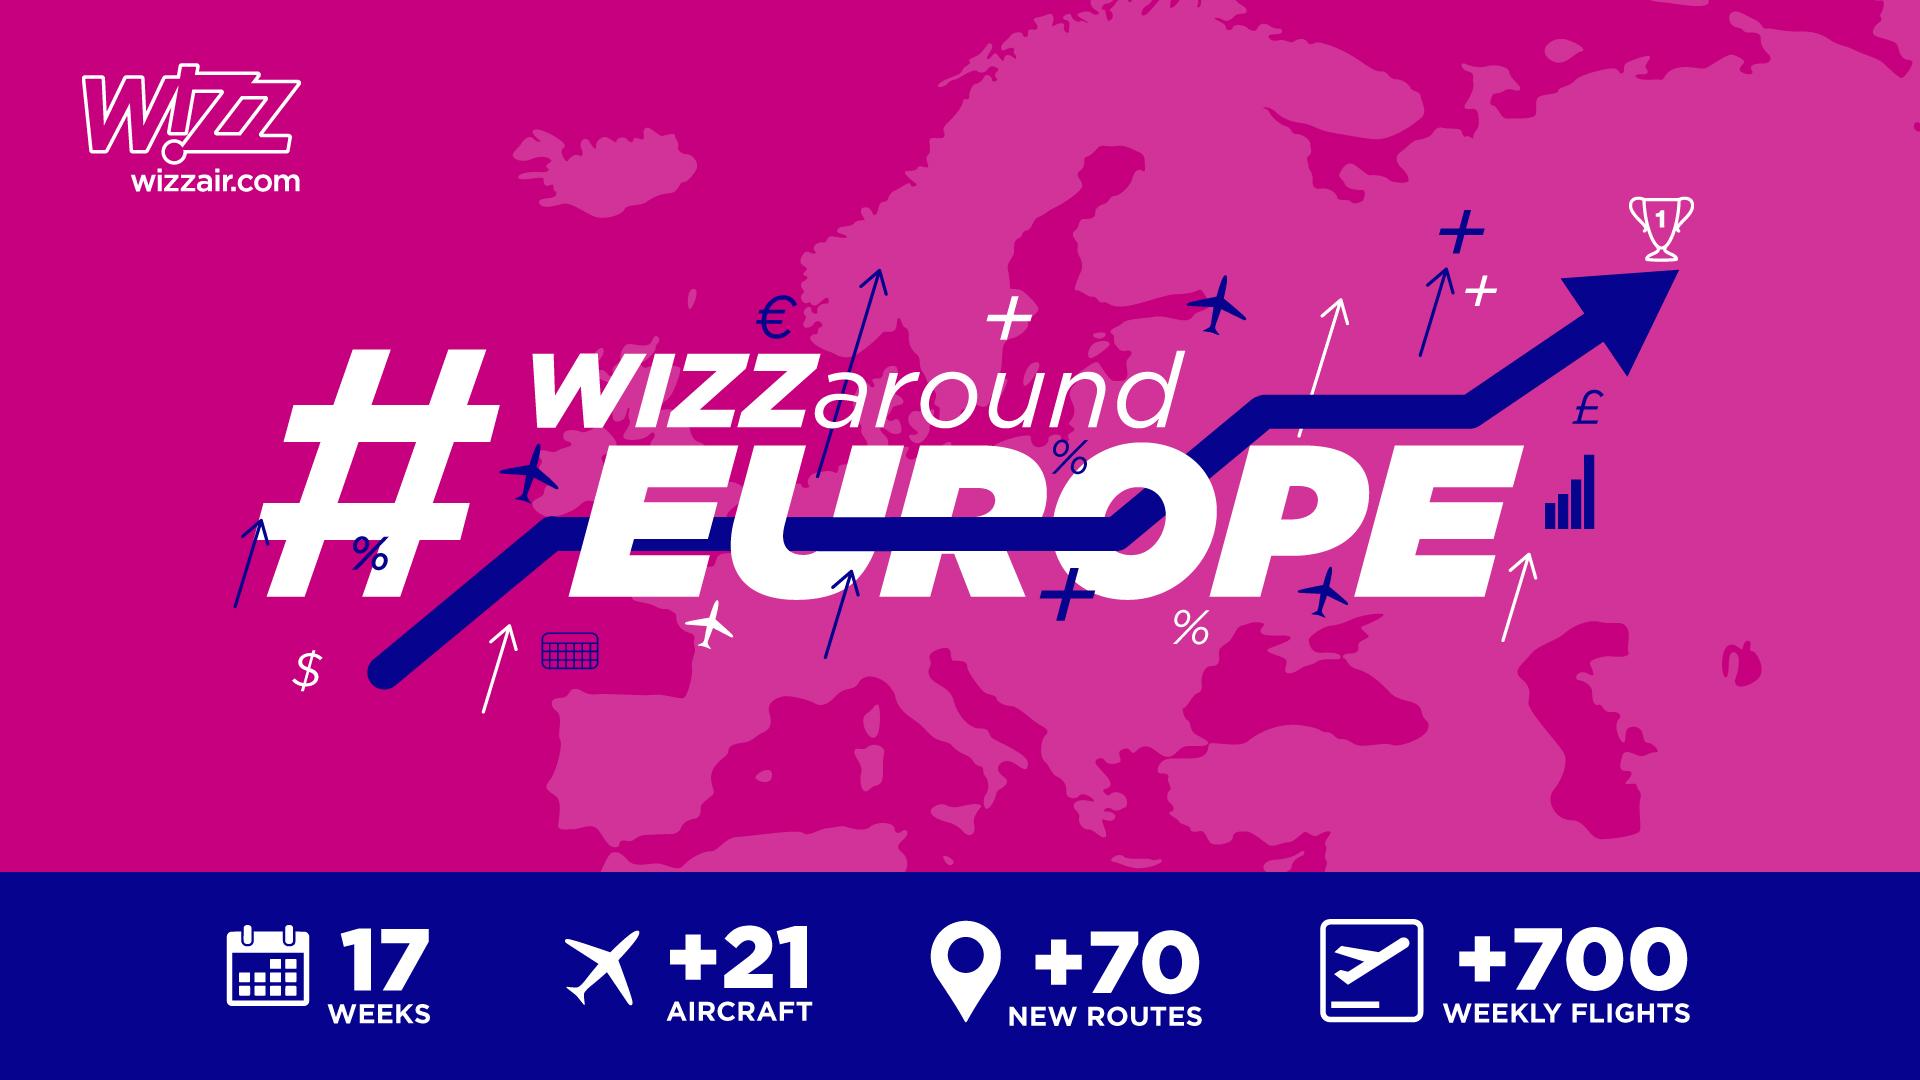 Как Wizz Air расширит свою деятельность в ближайшие 17 недель